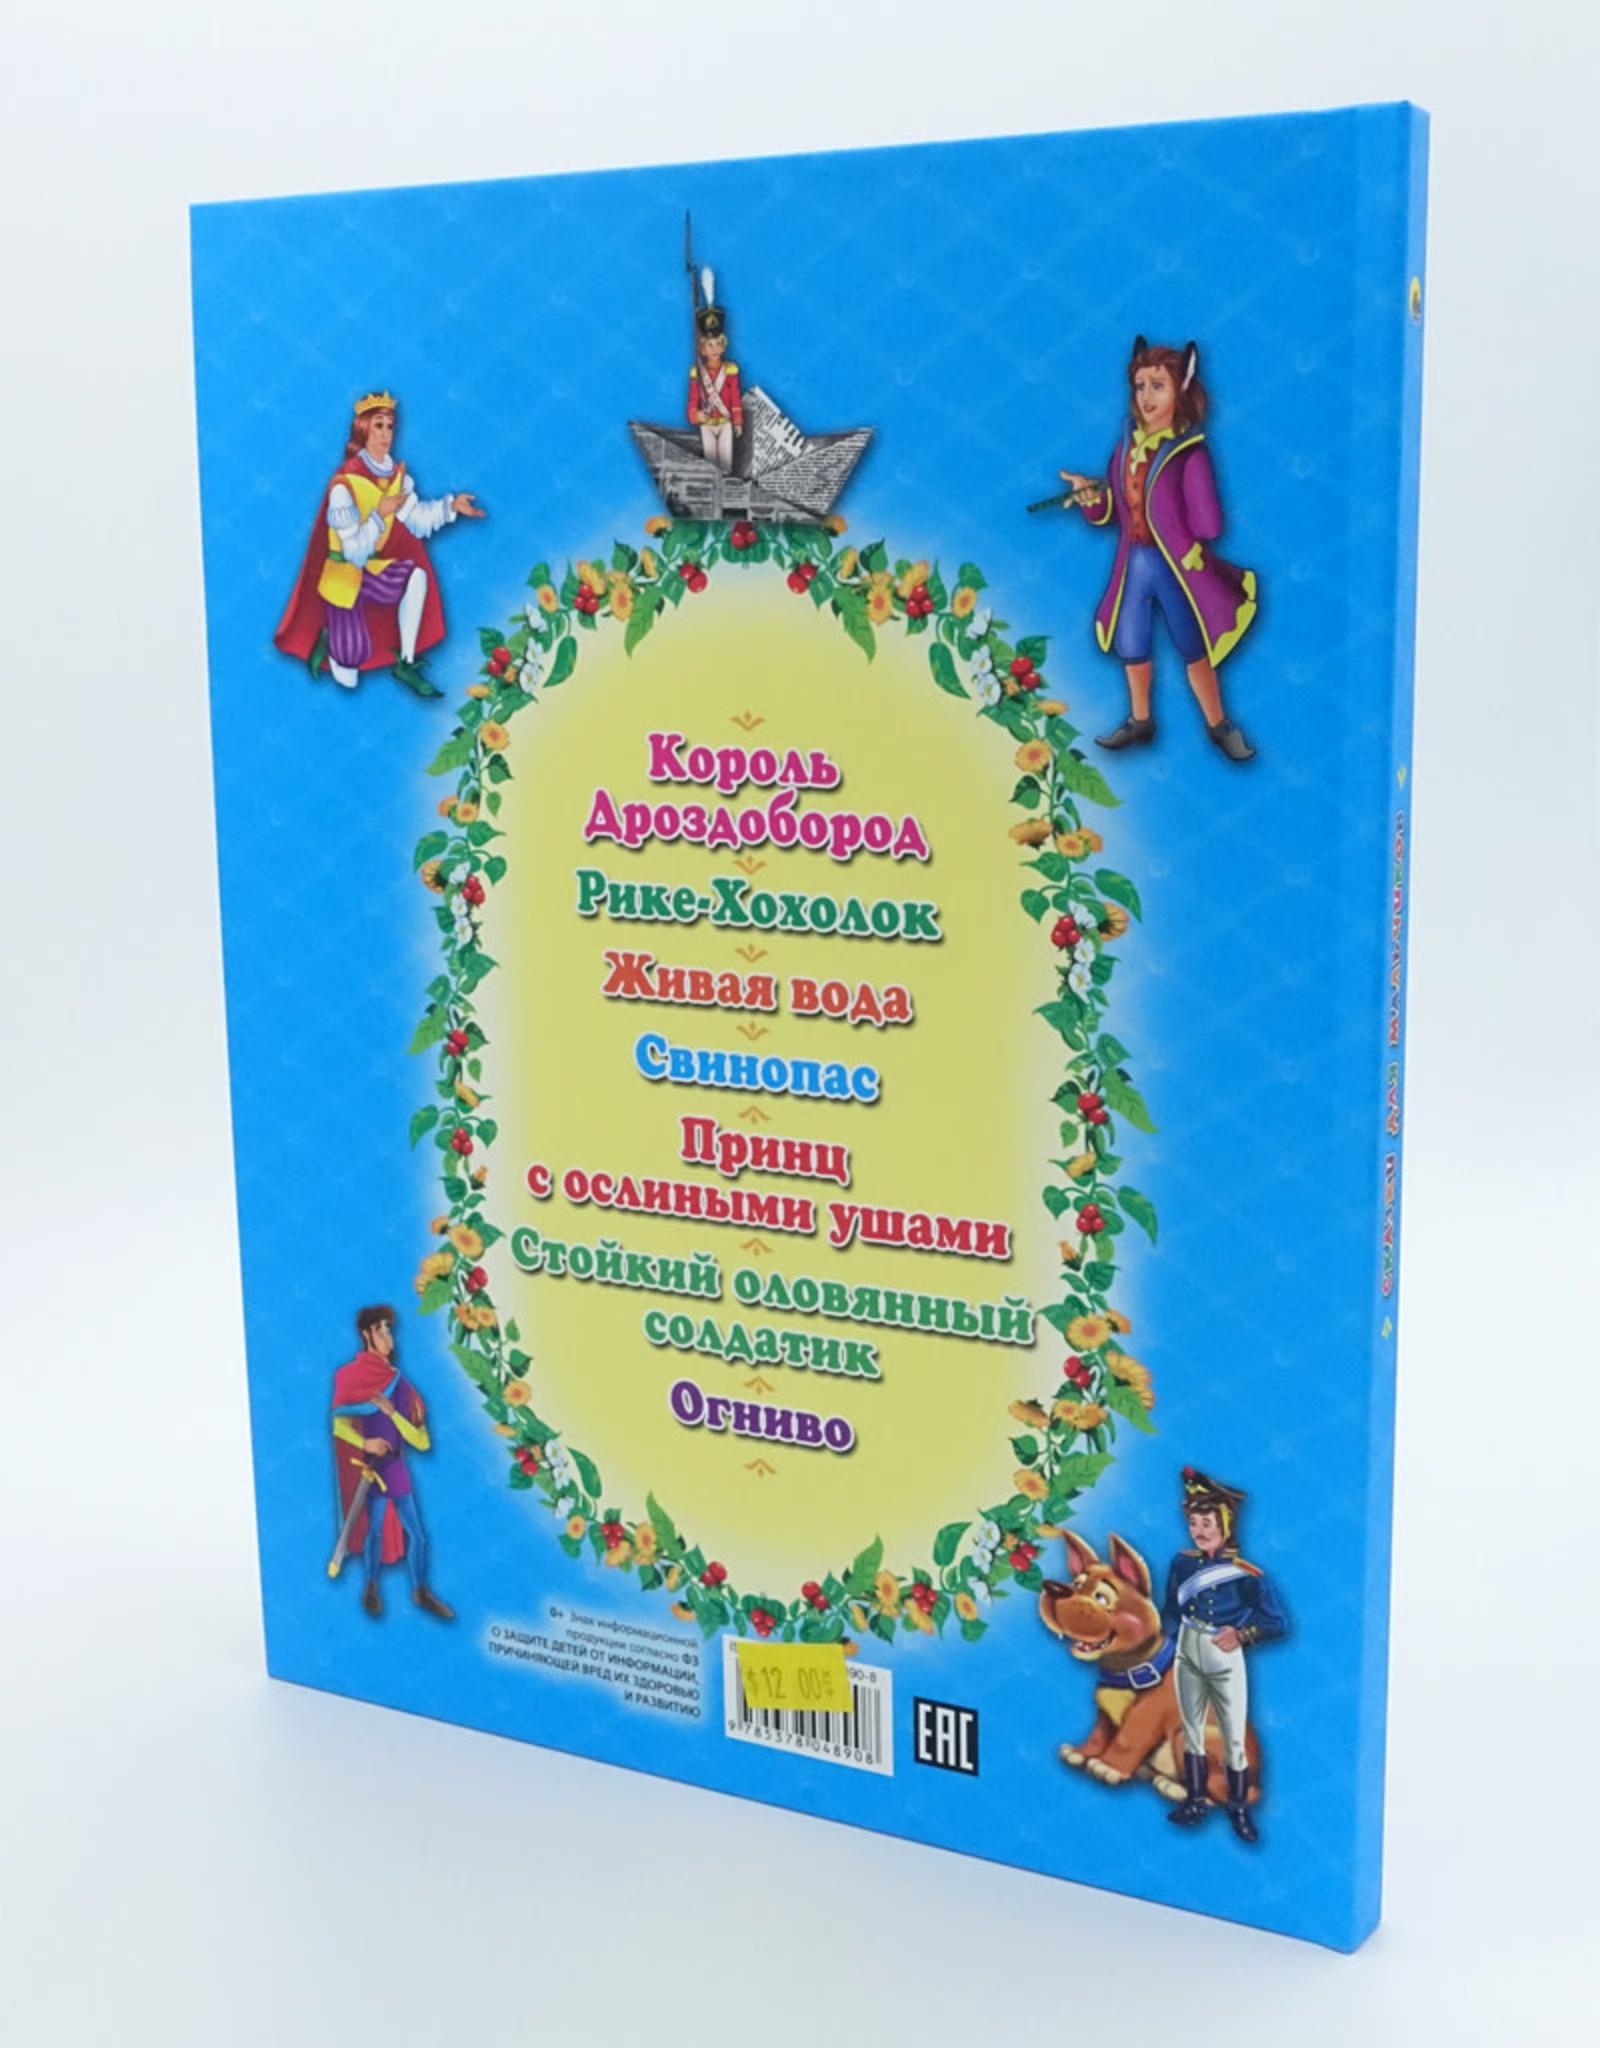 Сказки Для Мальчиков, Лучших 7 Сказок Малышам